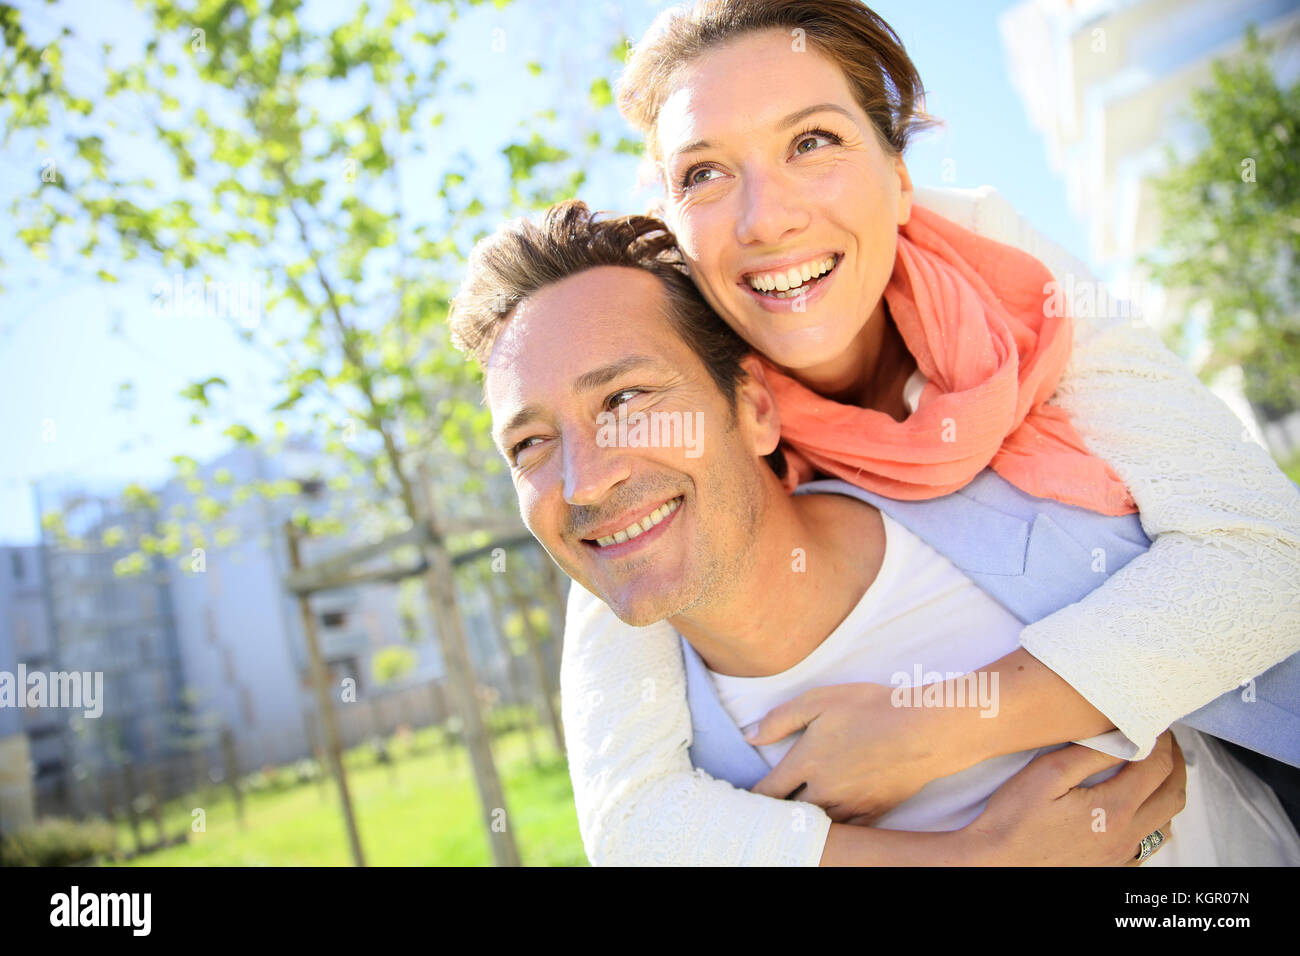 Hombre haciendo piggyback ride a mujer en estacionamiento Imagen De Stock